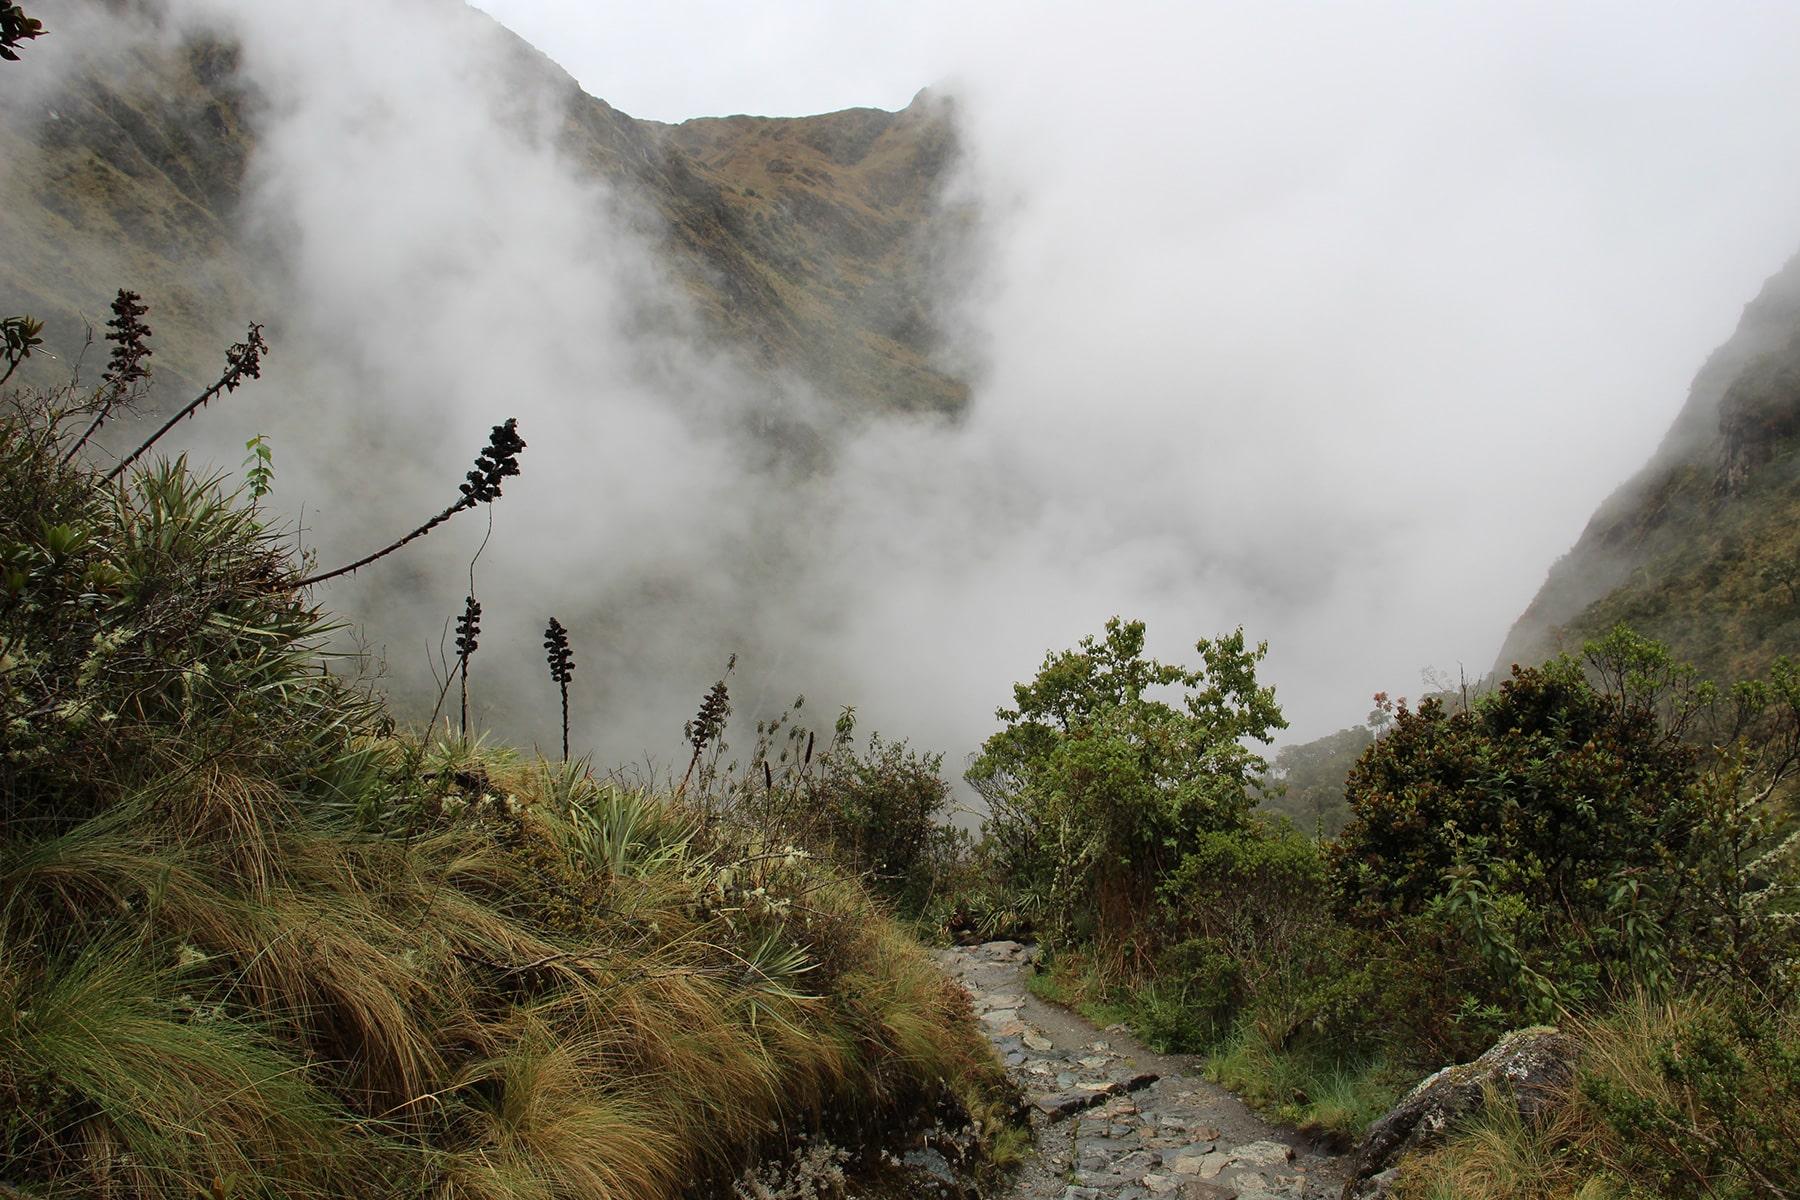 La vista sull'altra valle - la discesa nell'oblio sull'inca trail